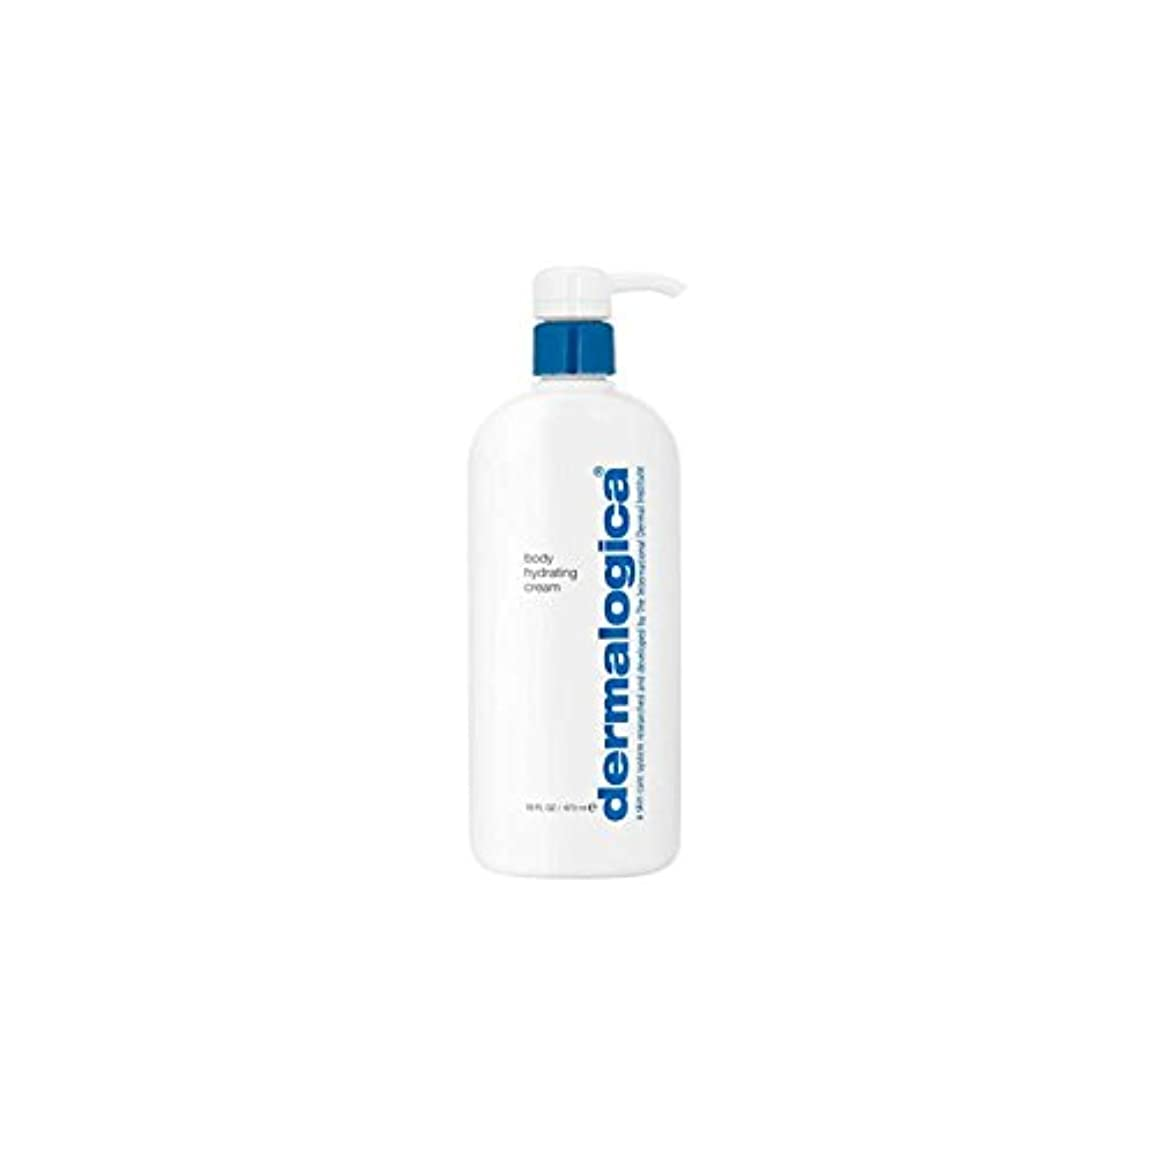 猛烈な侵略交渉する[Dermalogica ] ダーマロジカボディハイドレイティングクリーム(473ミリリットル) - Dermalogica Body Hydrating Cream (473ml) [並行輸入品]